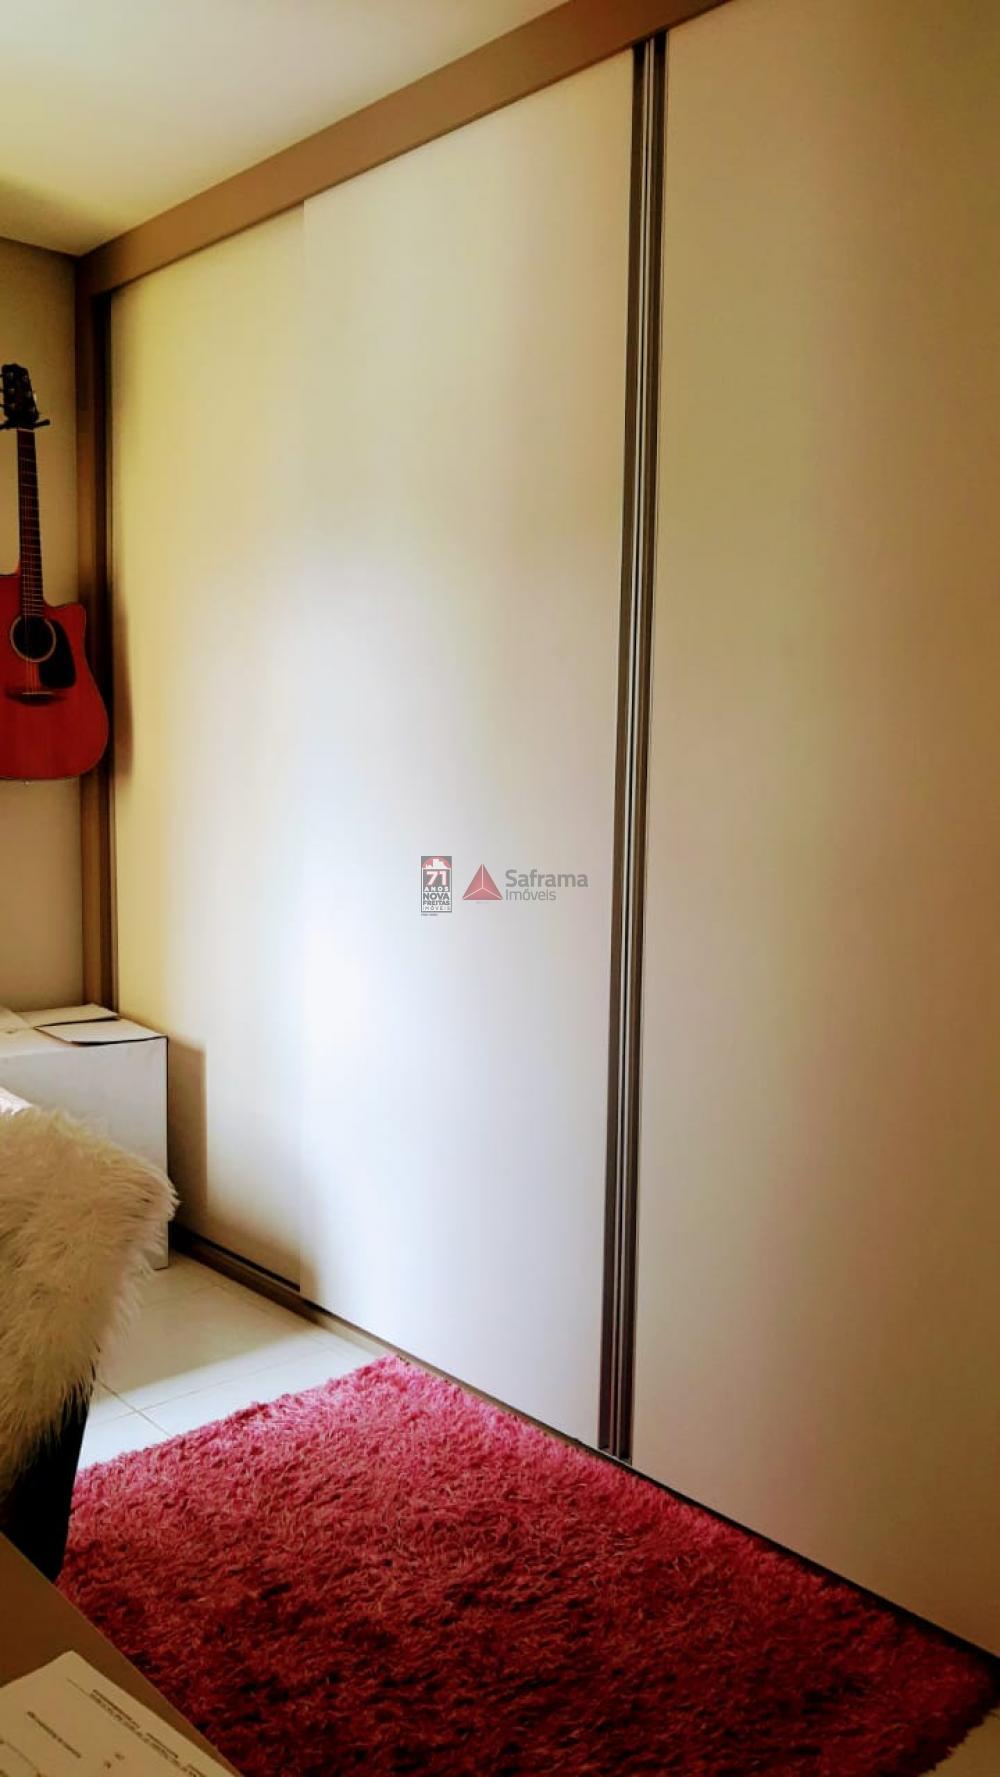 Comprar Apartamento / Padrão em Caraguatatuba apenas R$ 310.000,00 - Foto 8